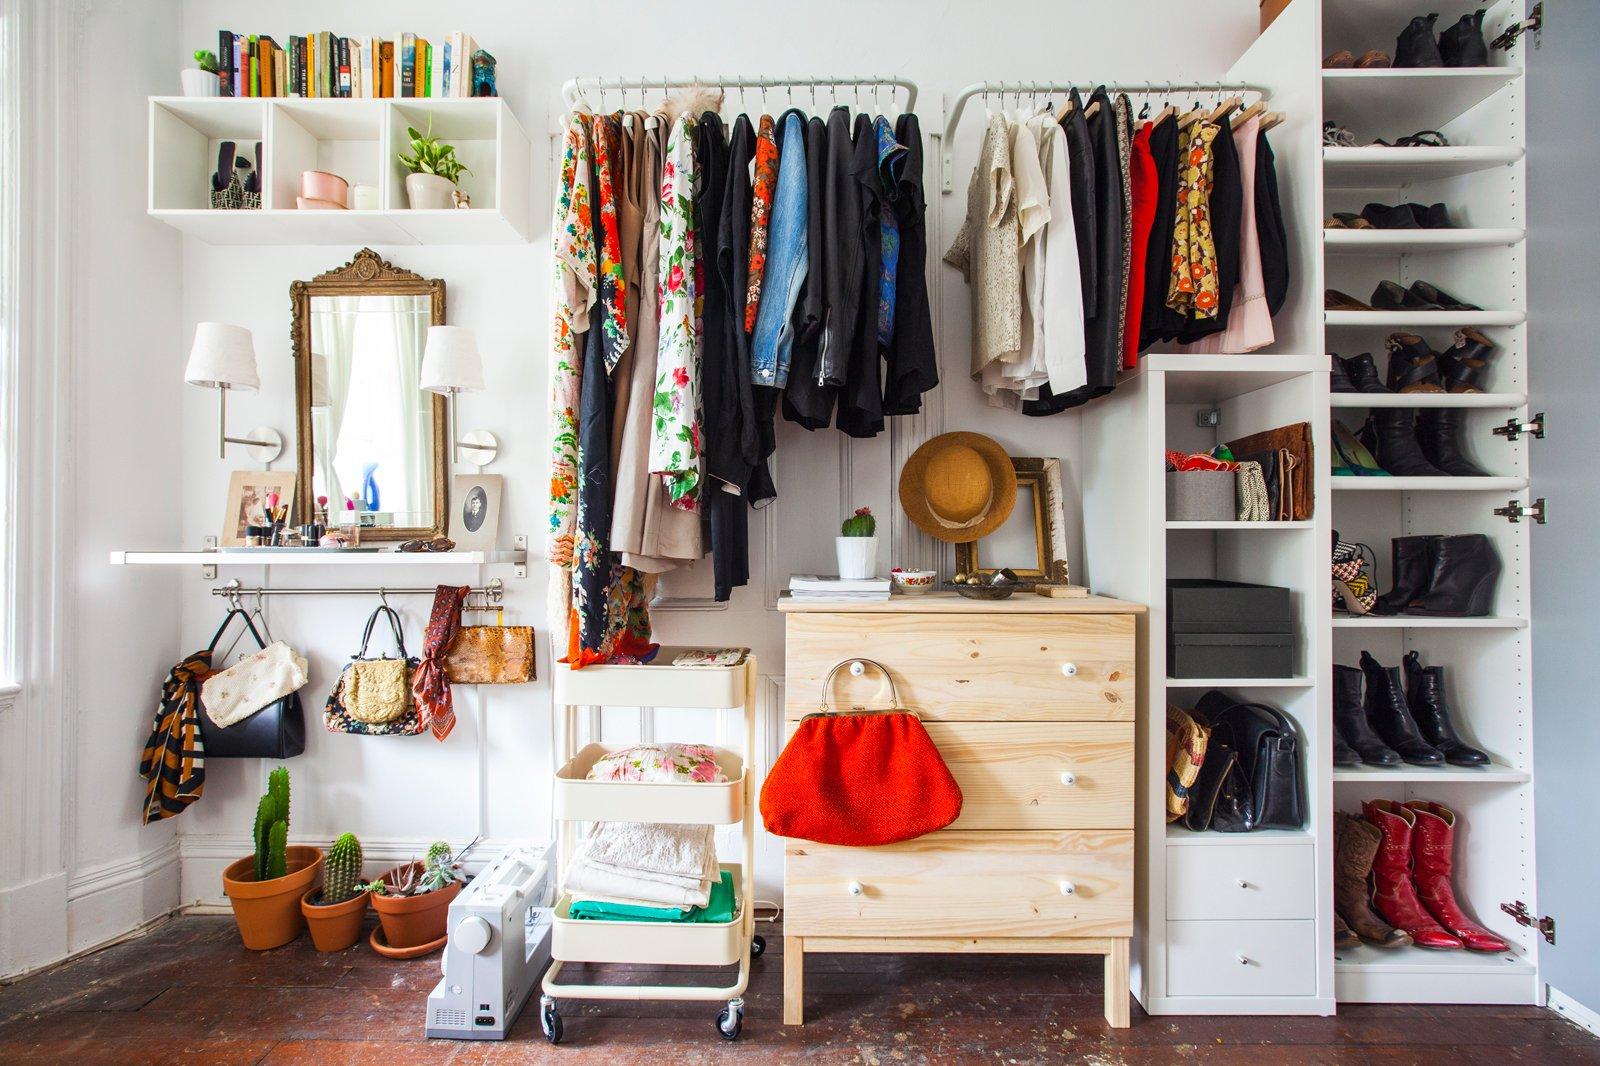 20 soluciones pr cticas para casas y espacios peque os - Soluciones para dormitorios pequenos ...